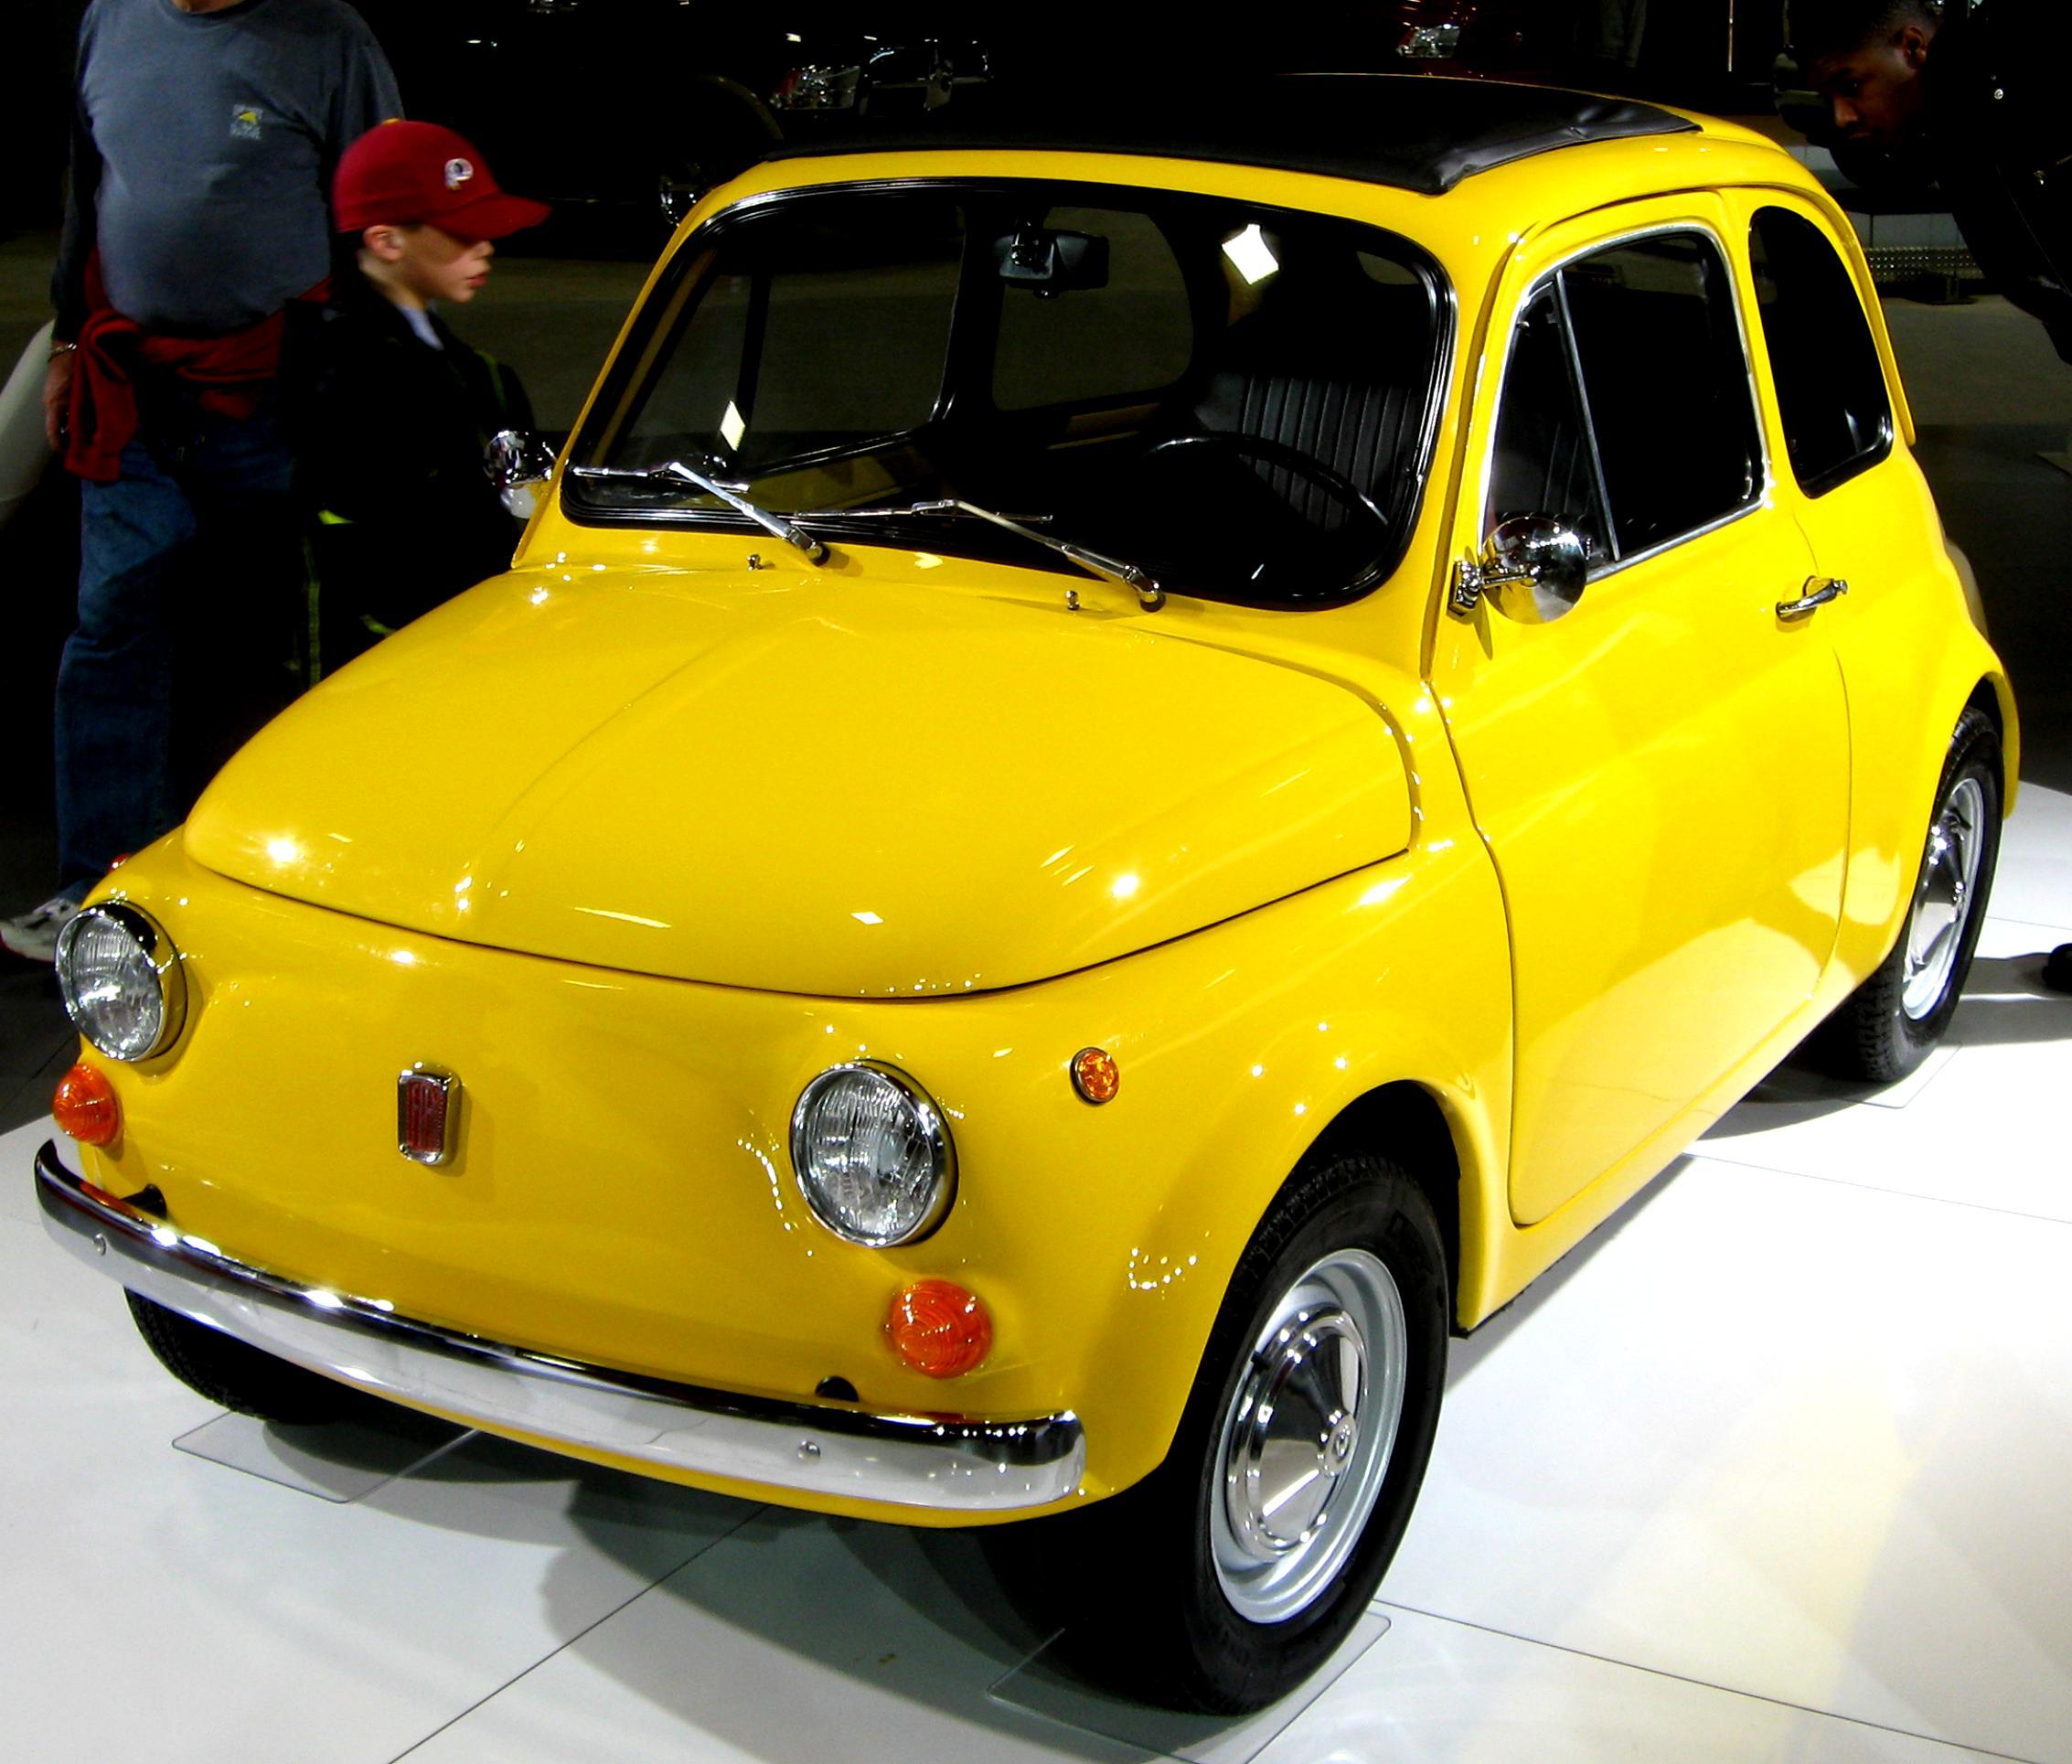 Fiat 500 R/Rinnovata 1972 On MotoImg.com